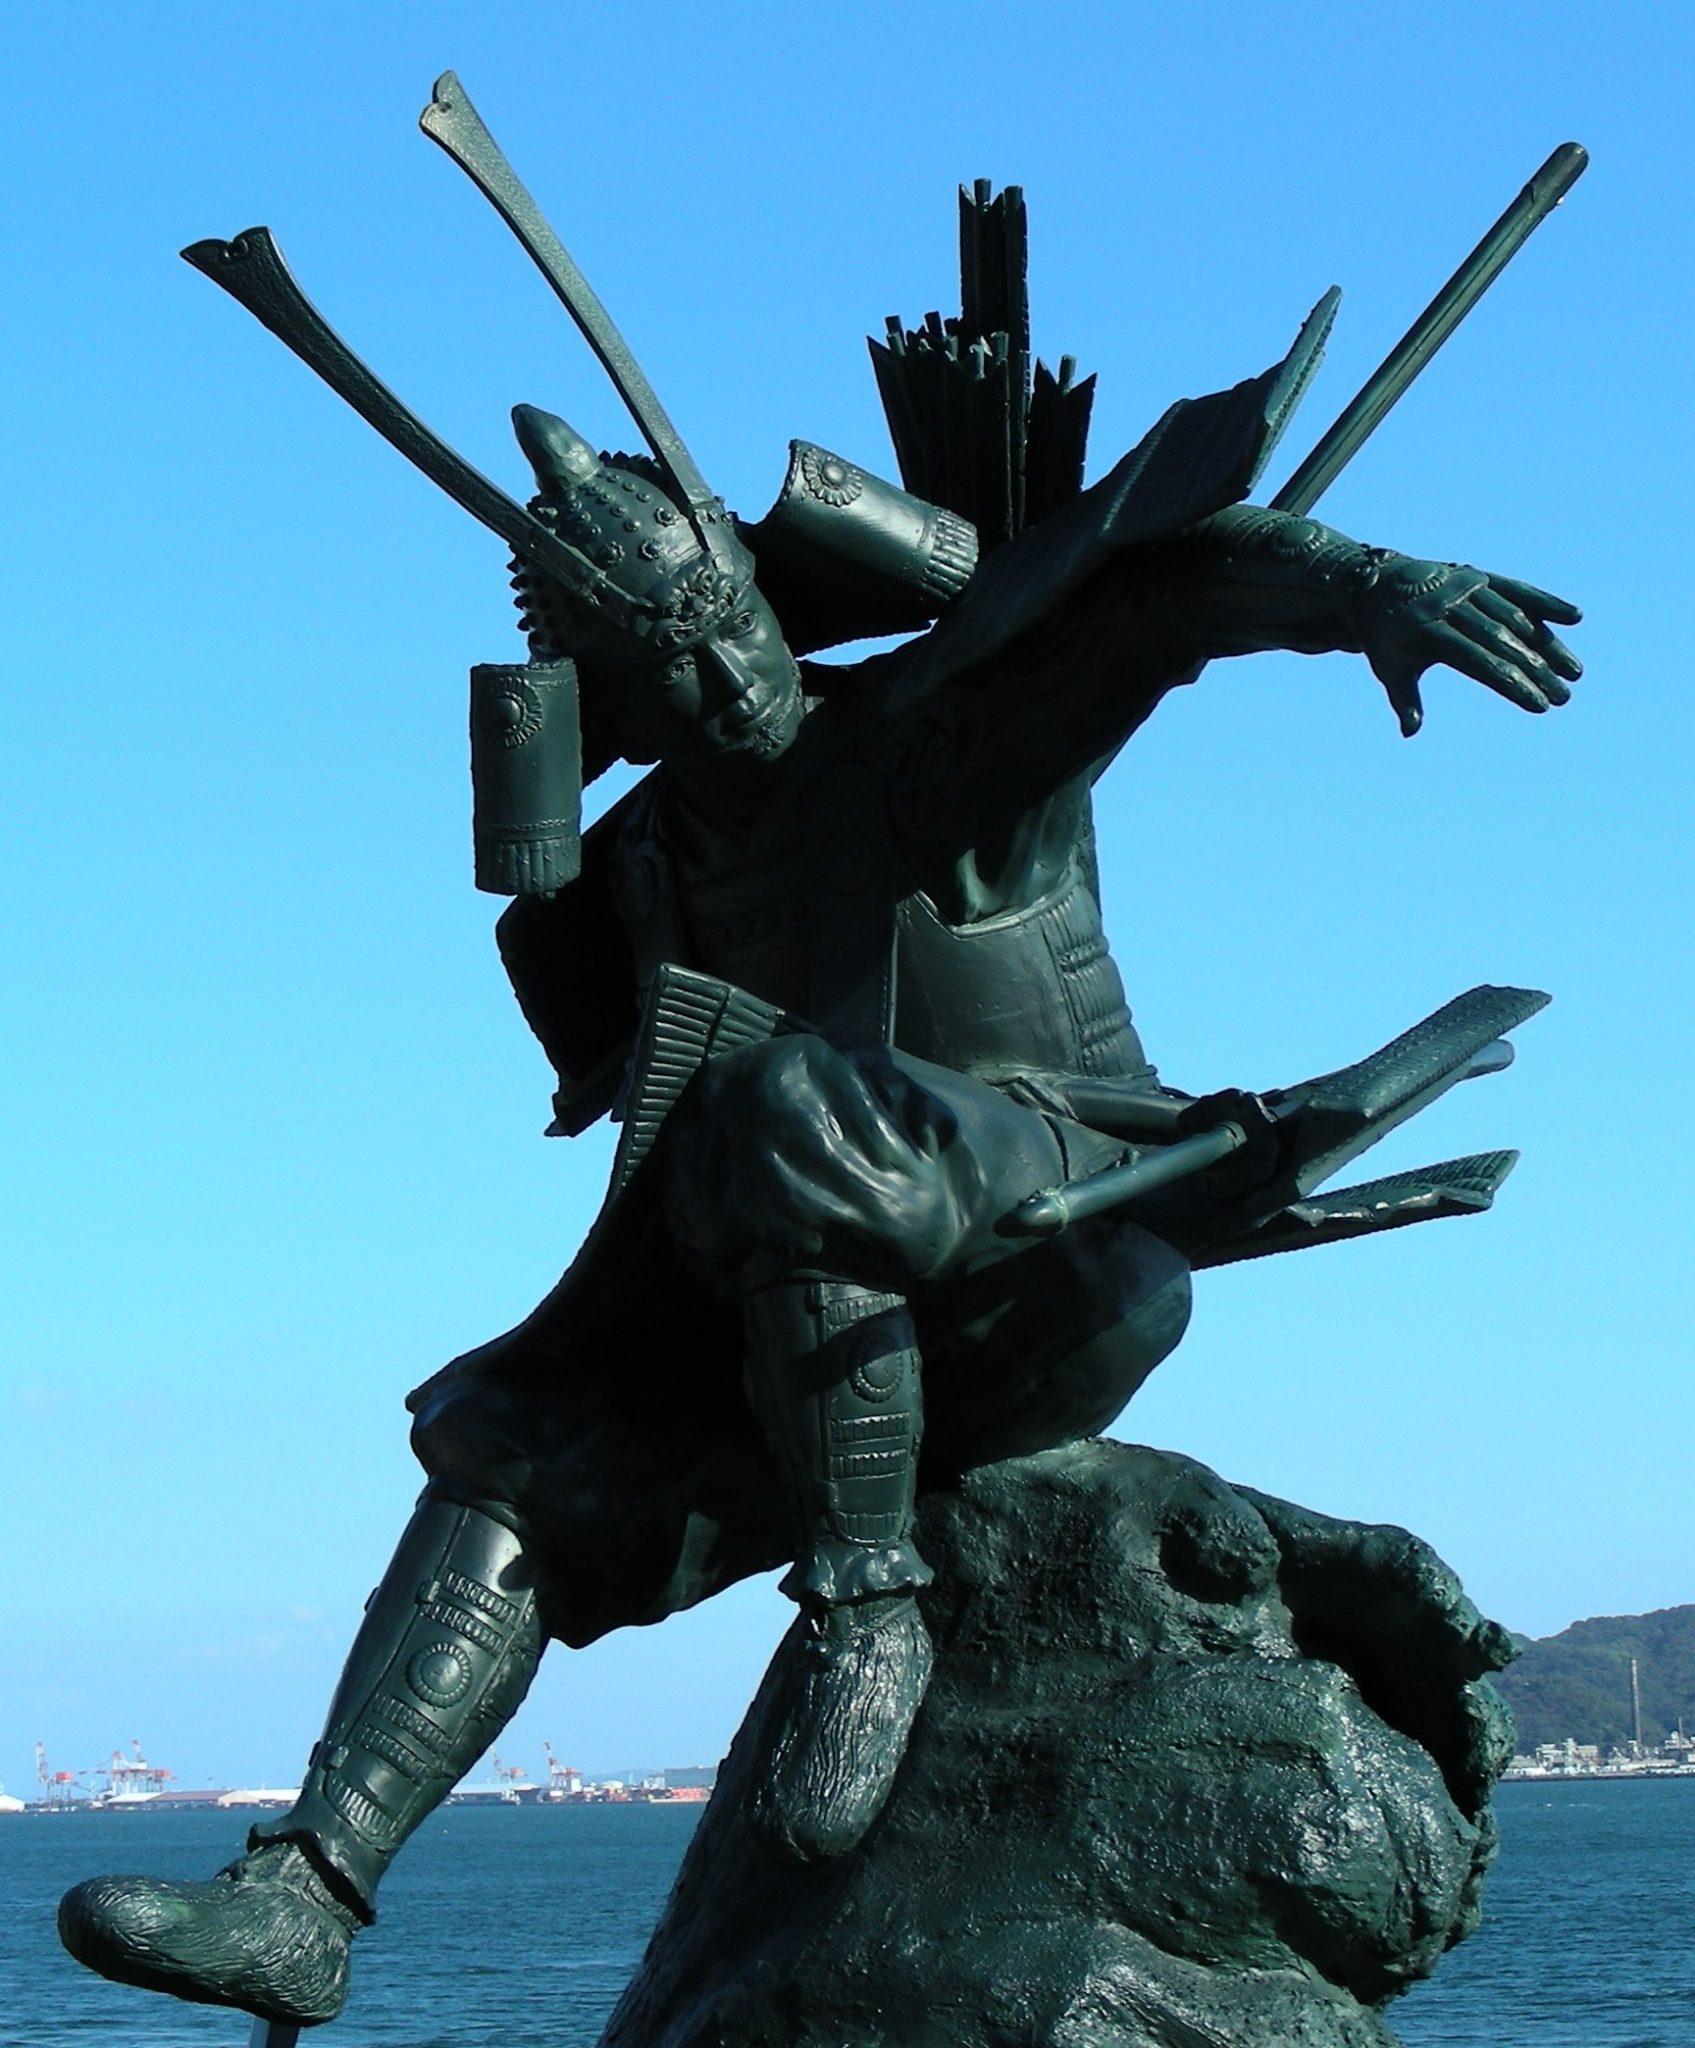 Statue of Minamoto no Yoshitsune at Dan-no-ura bay. Photographed by usiwakamaru